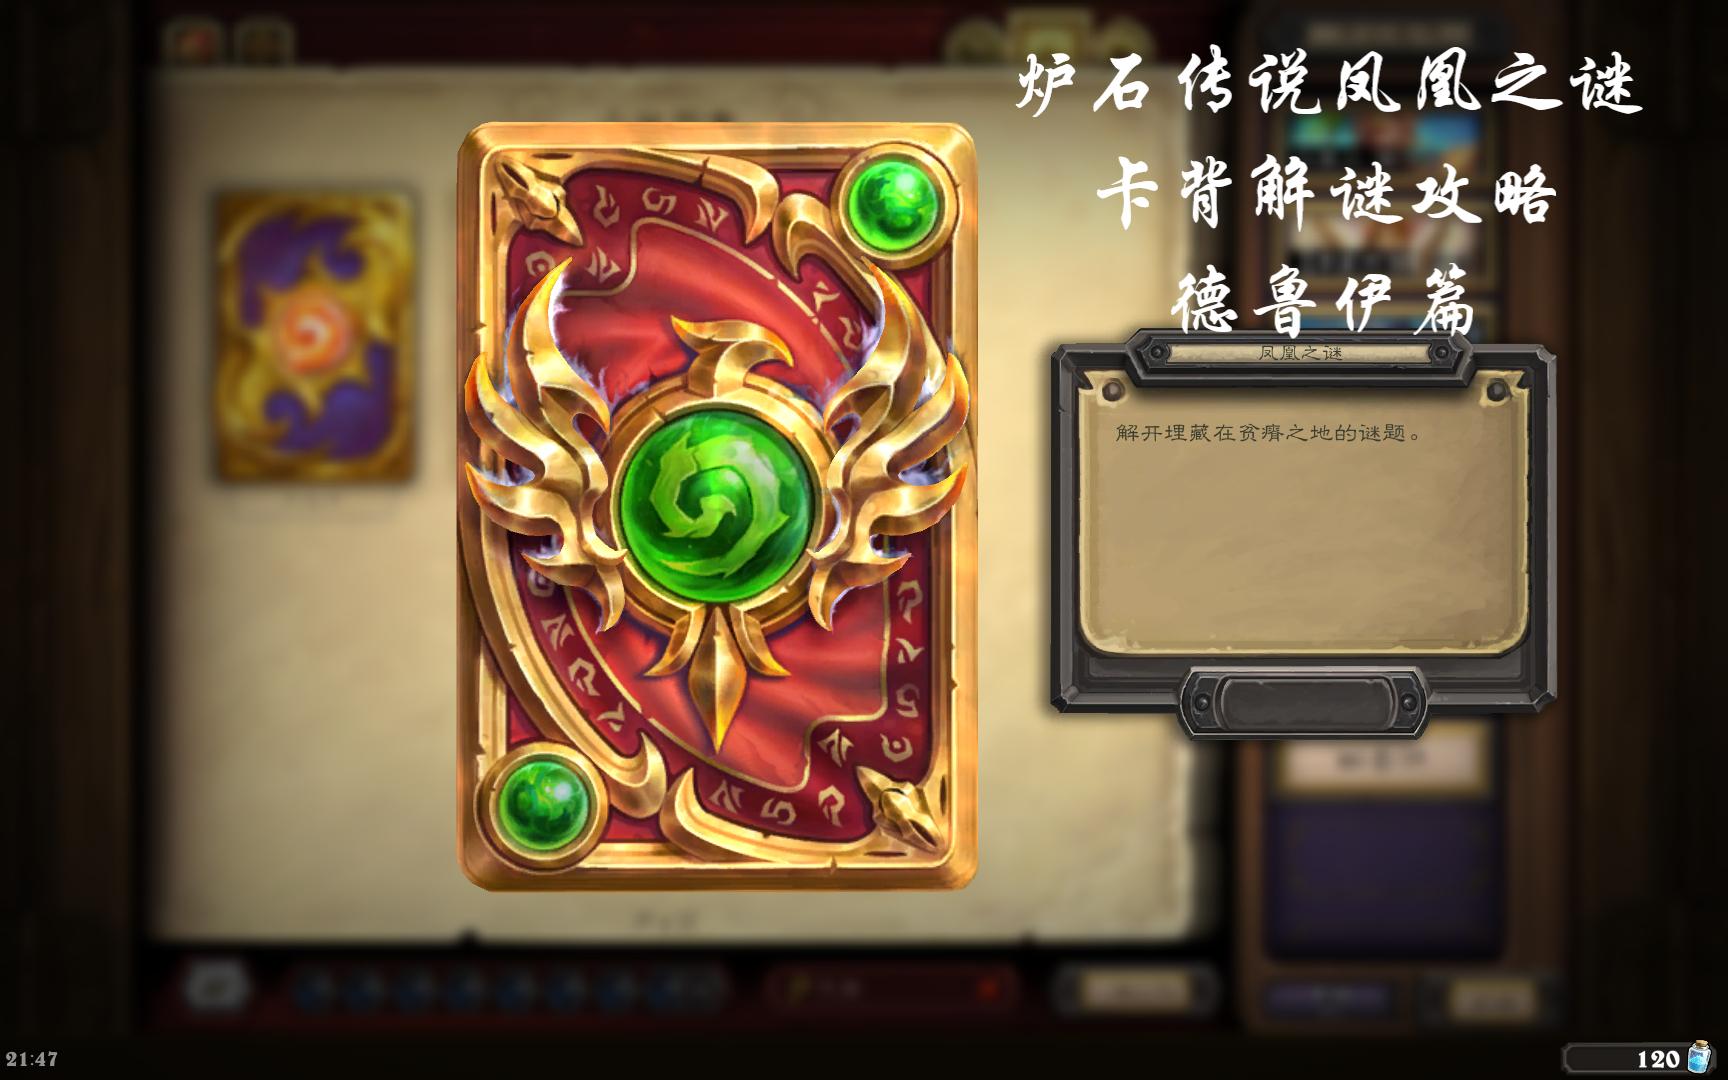 【炉石传说】炉石传说凤凰之谜卡背解谜攻略德鲁伊篇